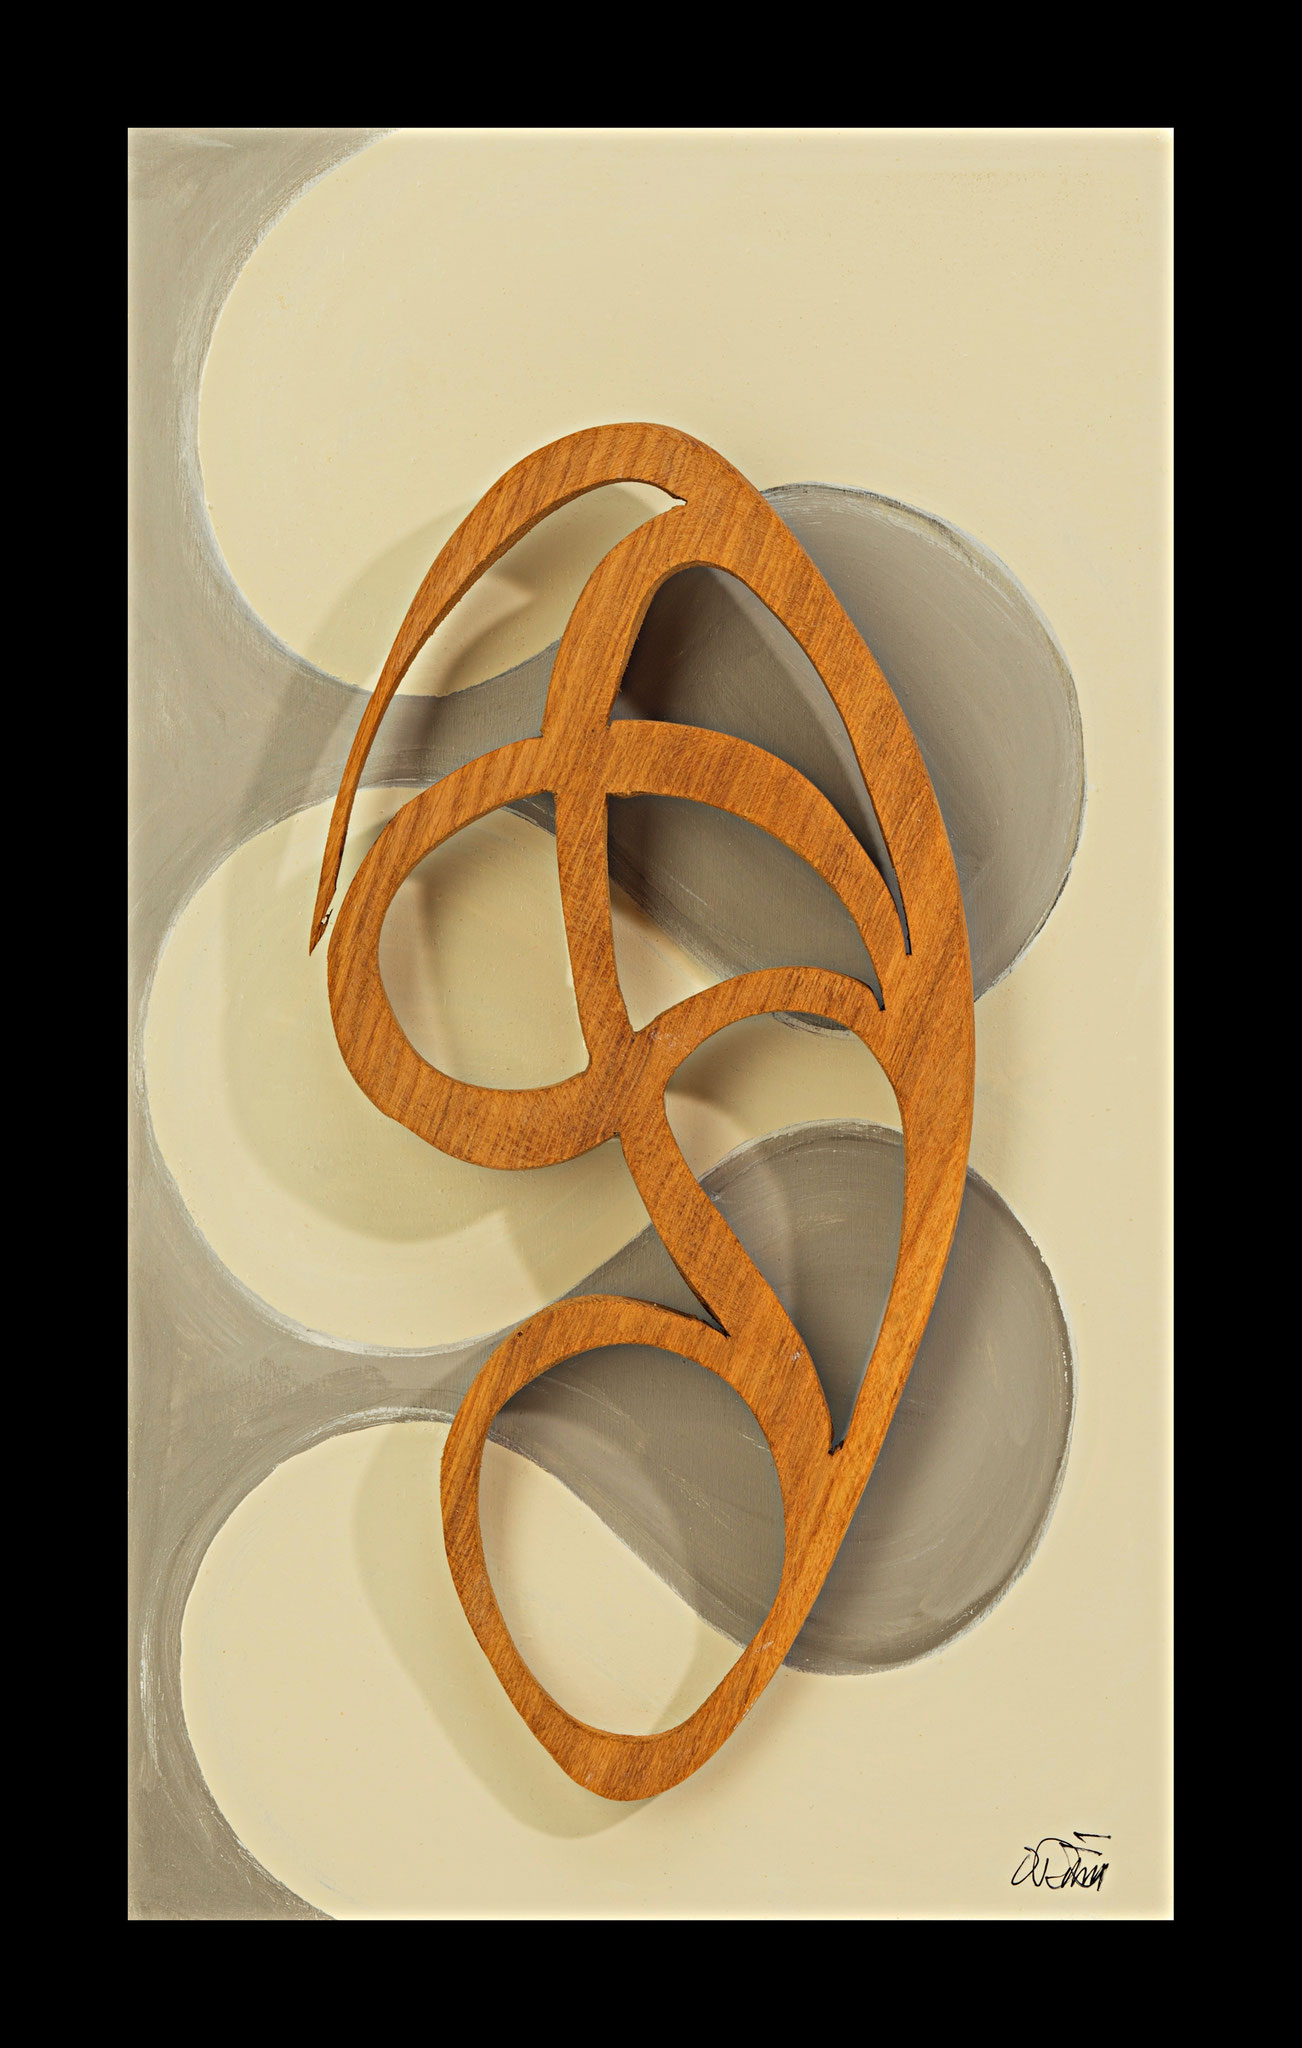 music tones 54 h -32 cm b